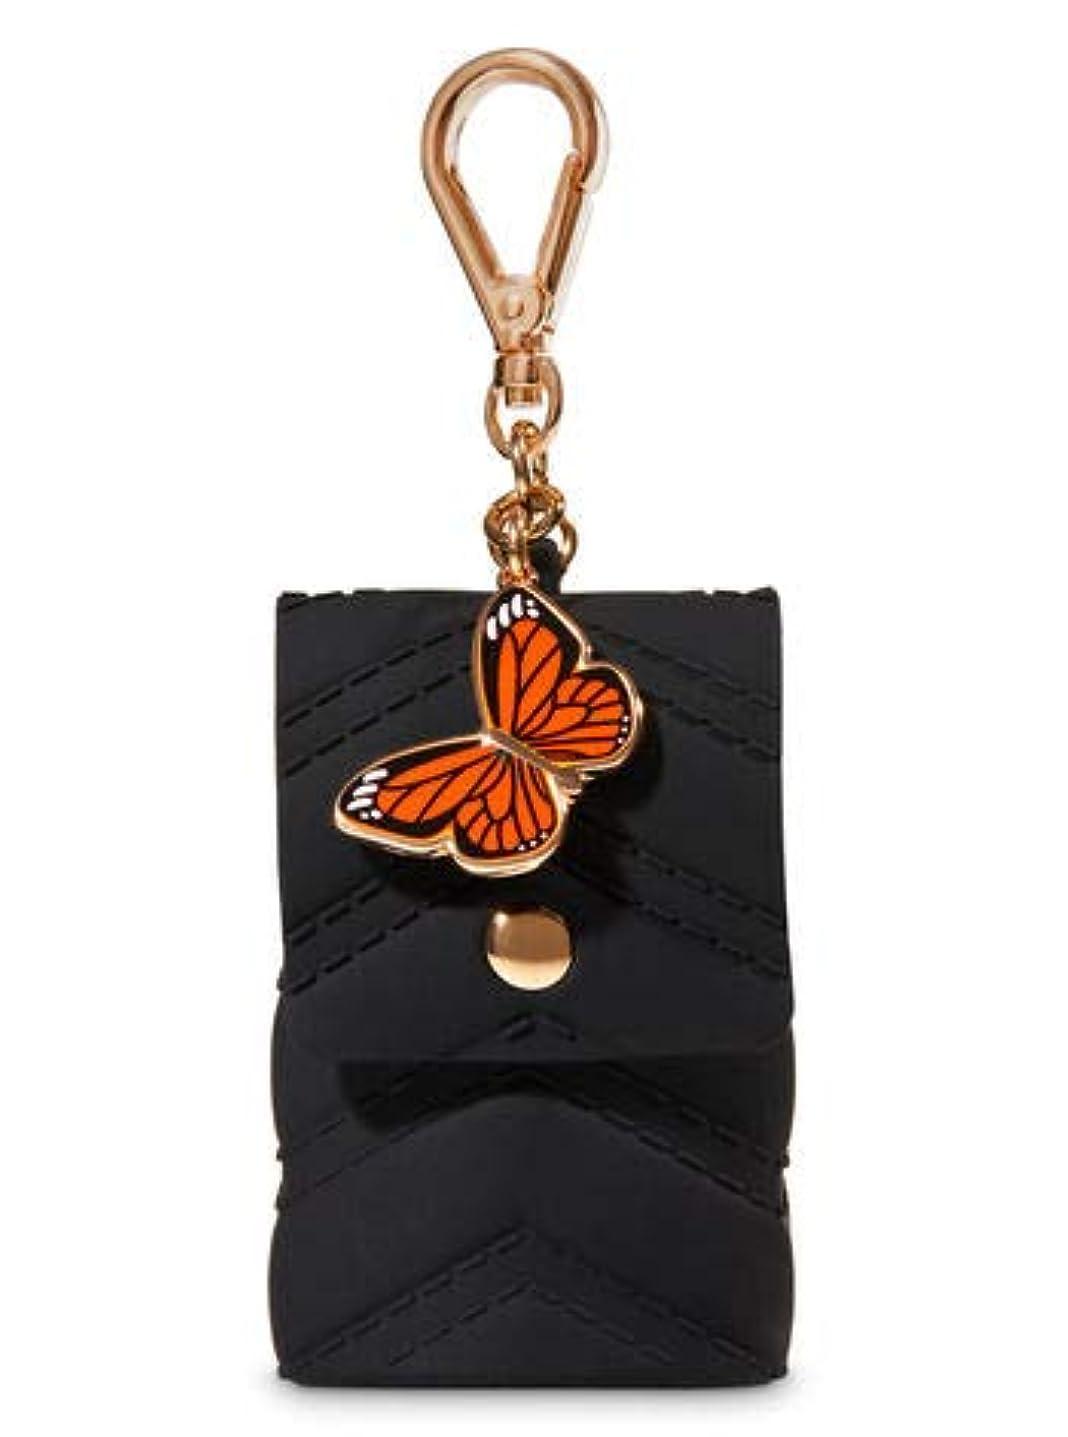 芝生余計な委員会【Bath&Body Works/バス&ボディワークス】 抗菌ハンドジェルホルダー バタフライチャーム Pocketbac Holder Butterfly Charm [並行輸入品]